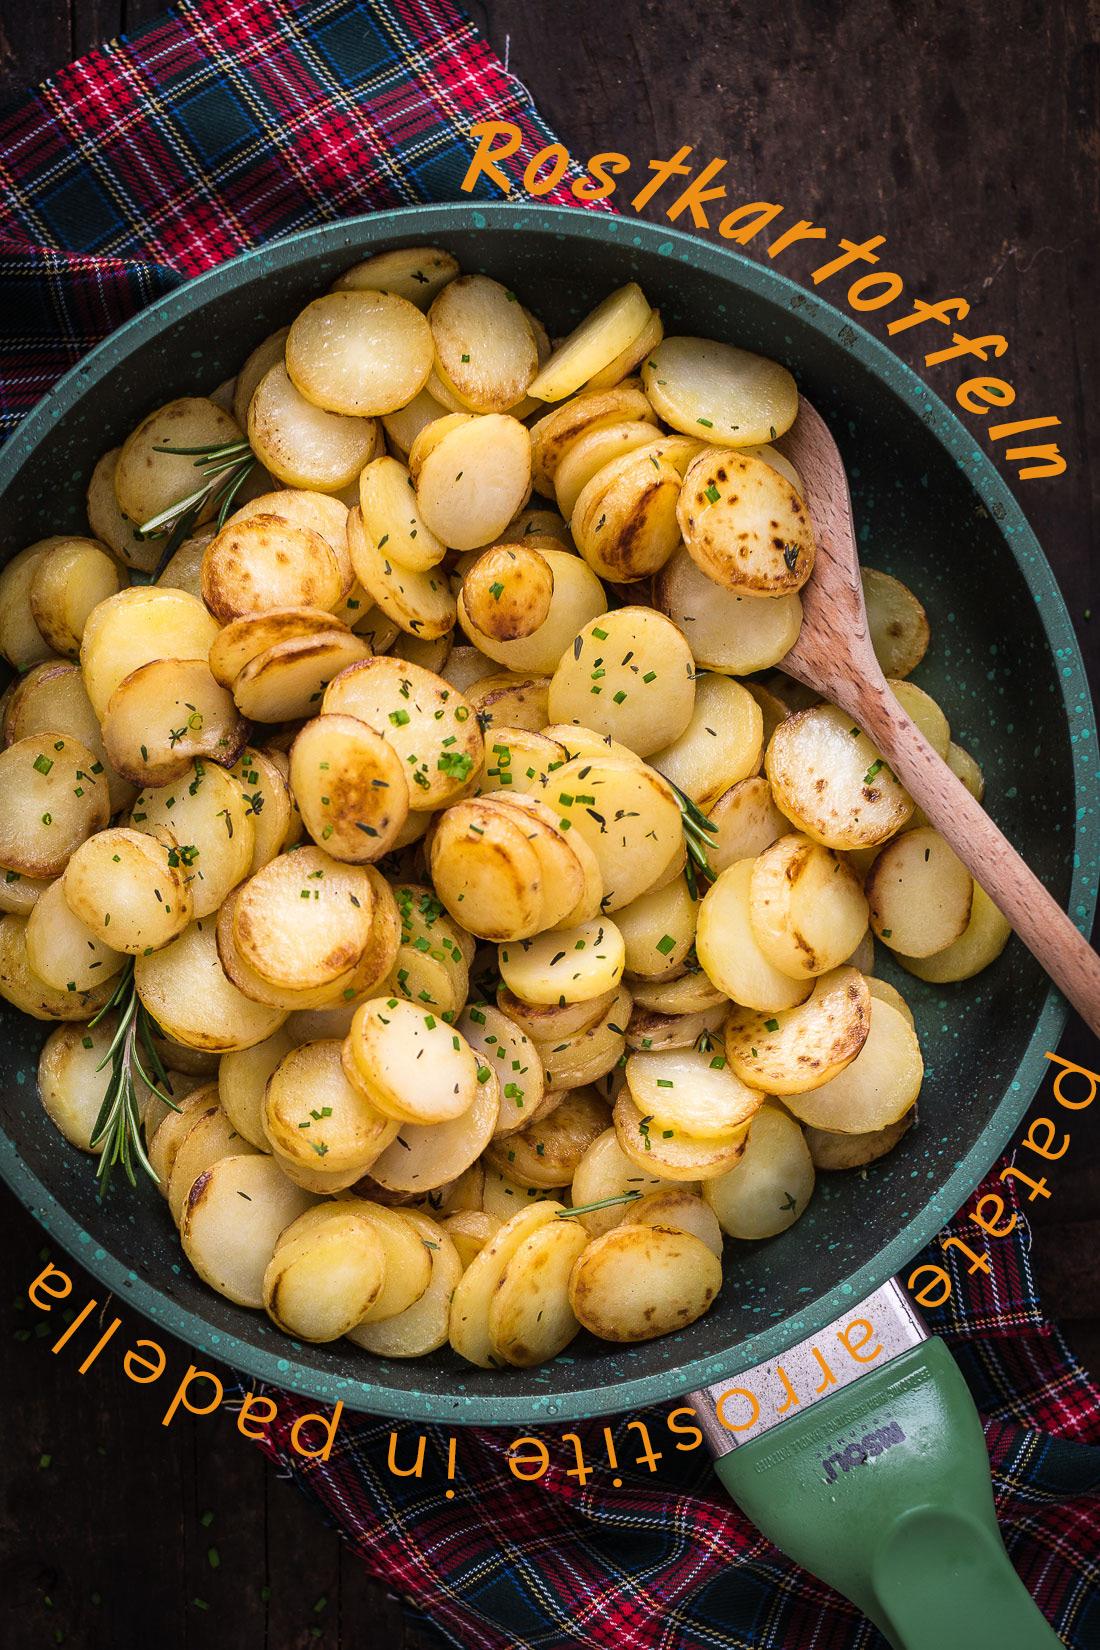 patate arrostite in padella light facili veloci - Rostkartoffeln tirolesi